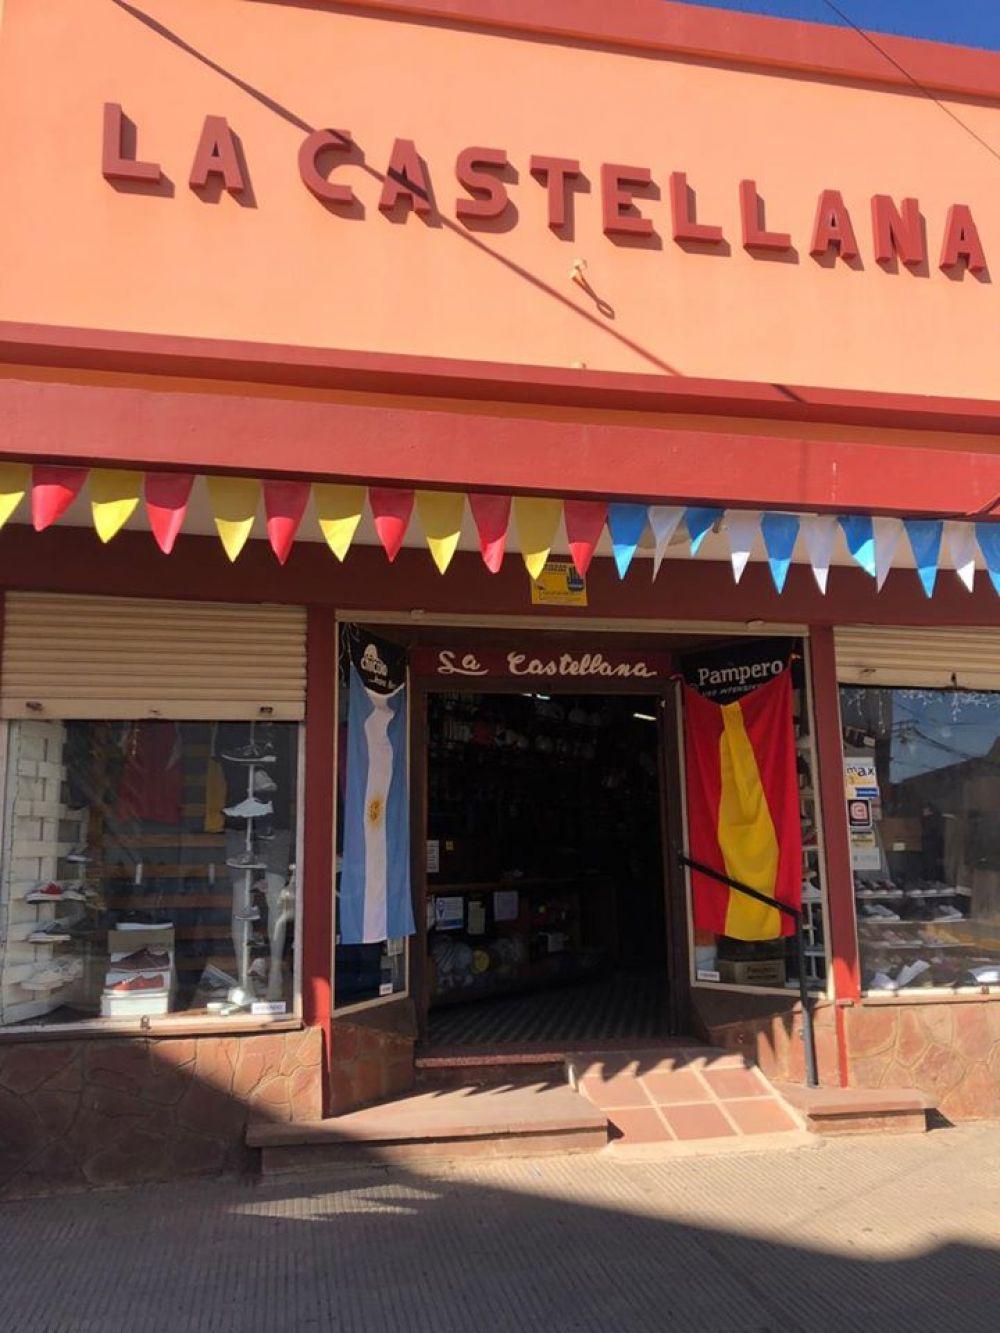 foto: Mercedes: La legendaria tienda La Castellana cumplió 100 años